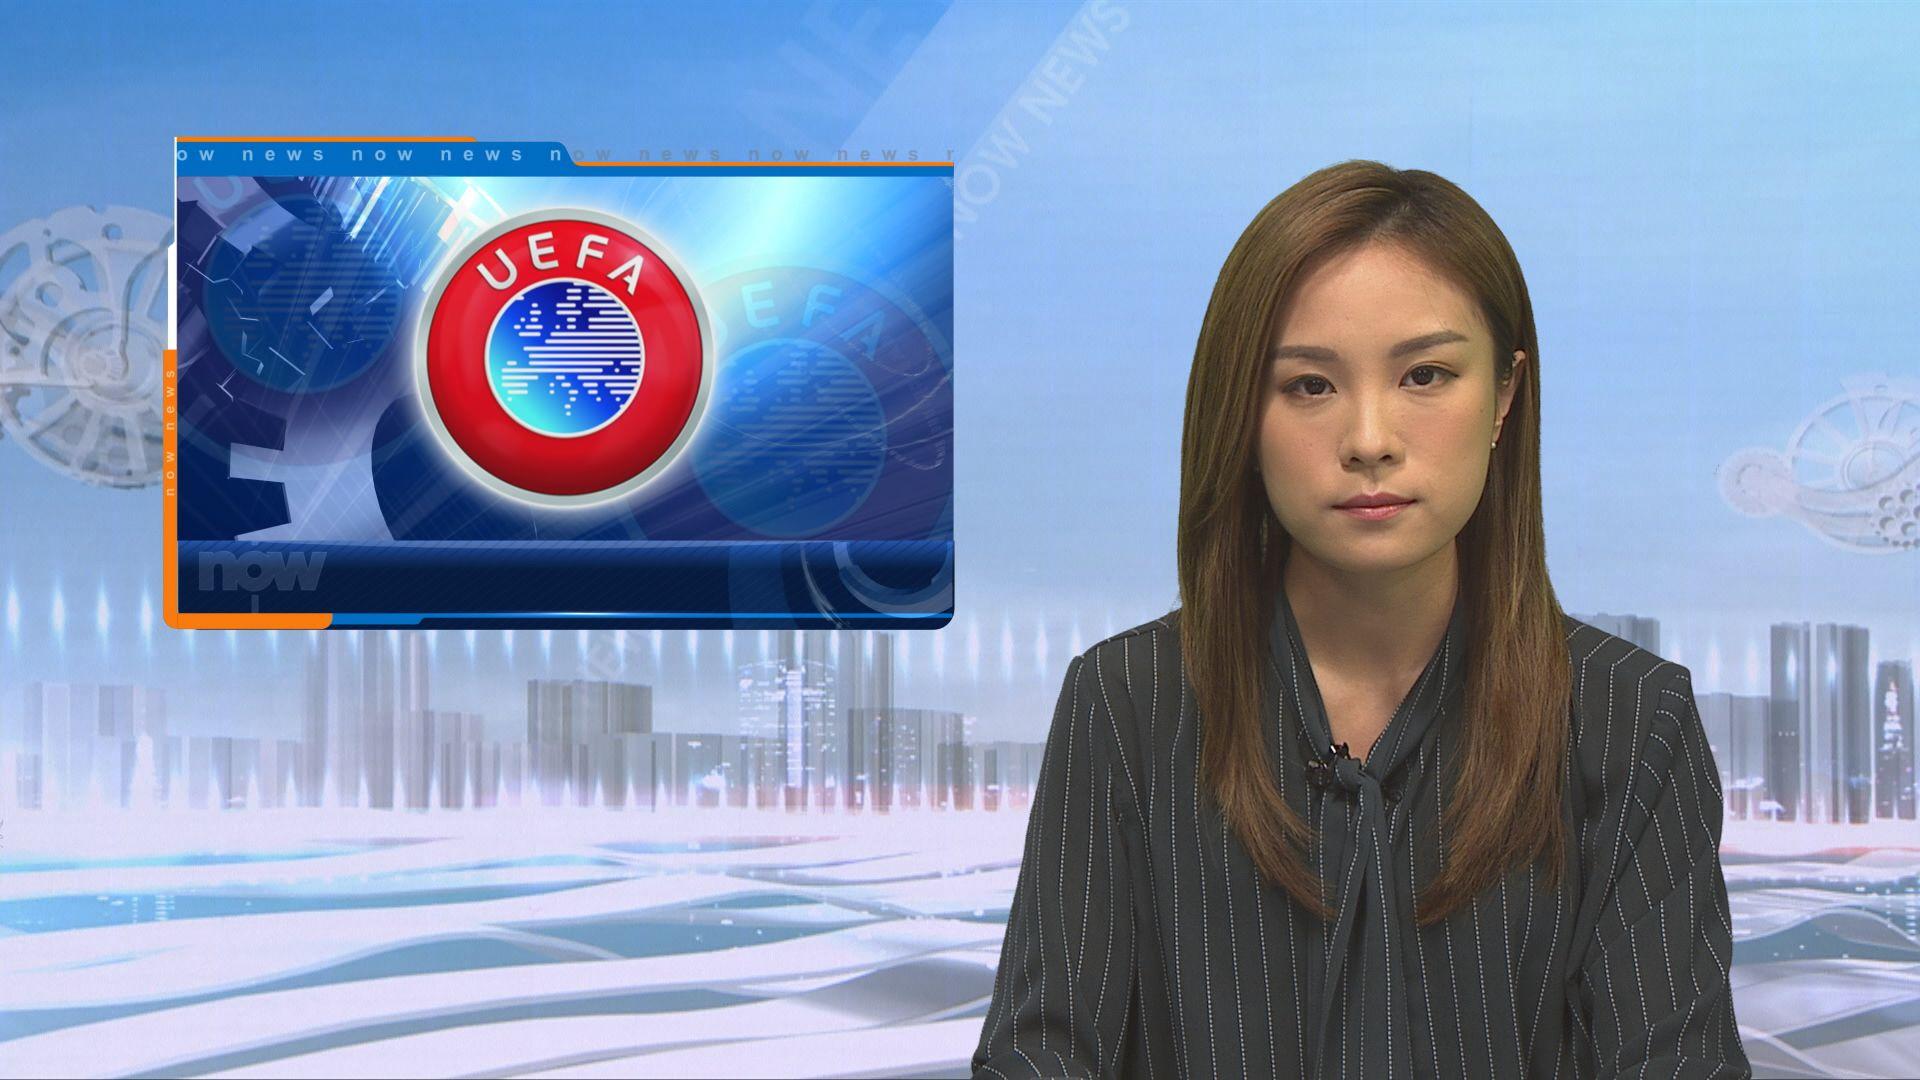 歐洲足協:所有歐洲球會級賽事決賽延期舉行